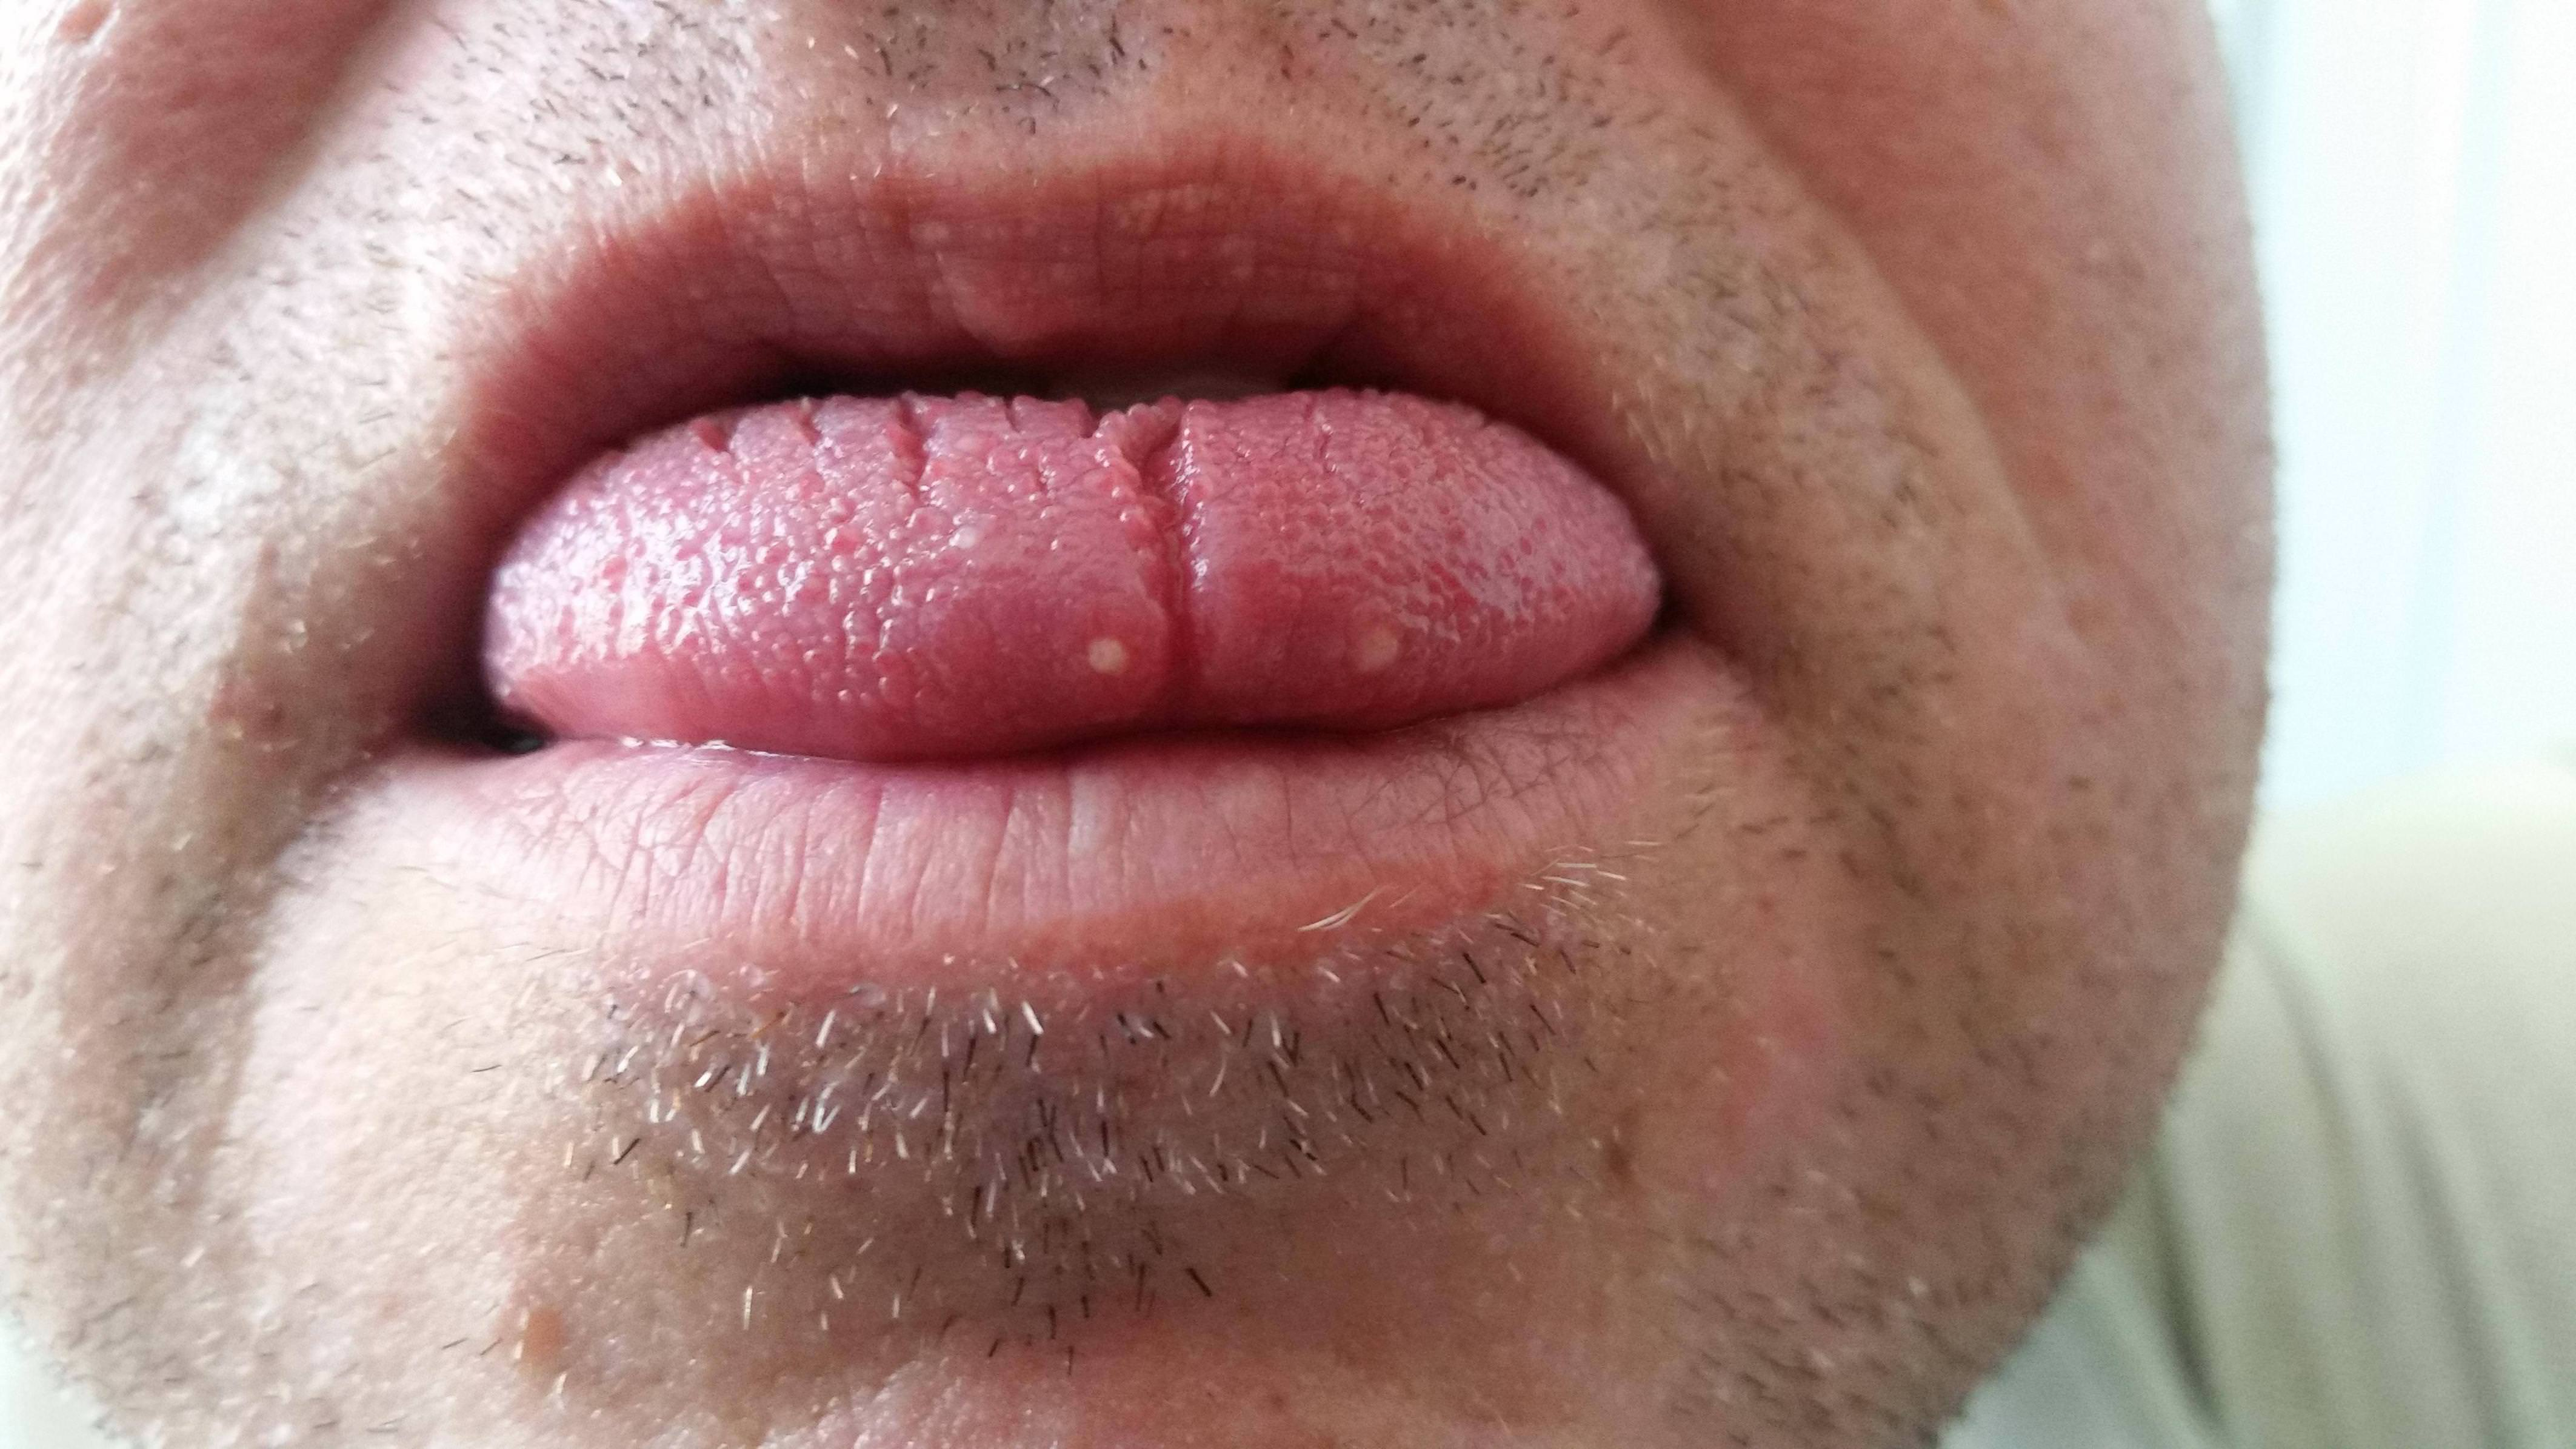 Condiloame în gură, limbă și buze: tratament și îndepărtare - Simptome October